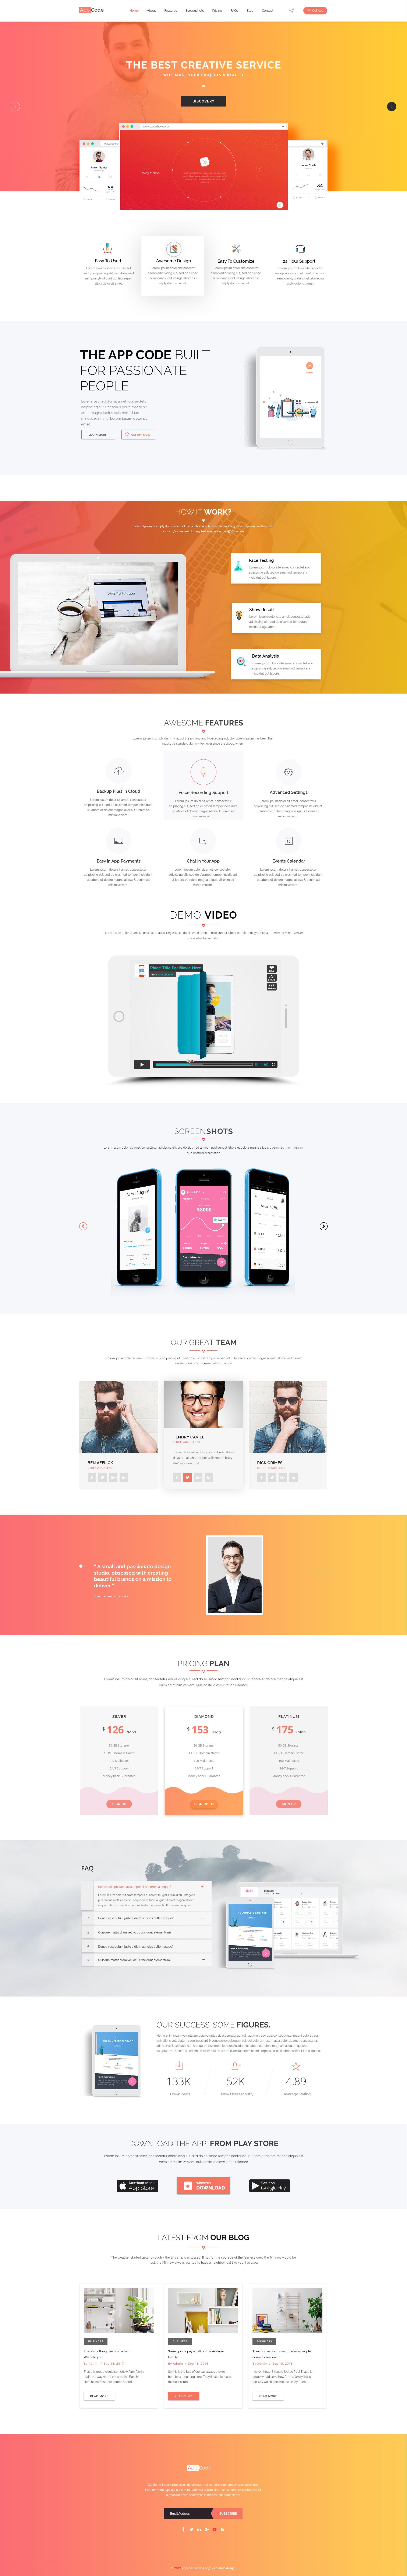 AppCode - Responsive Mobile App Website Template - 2